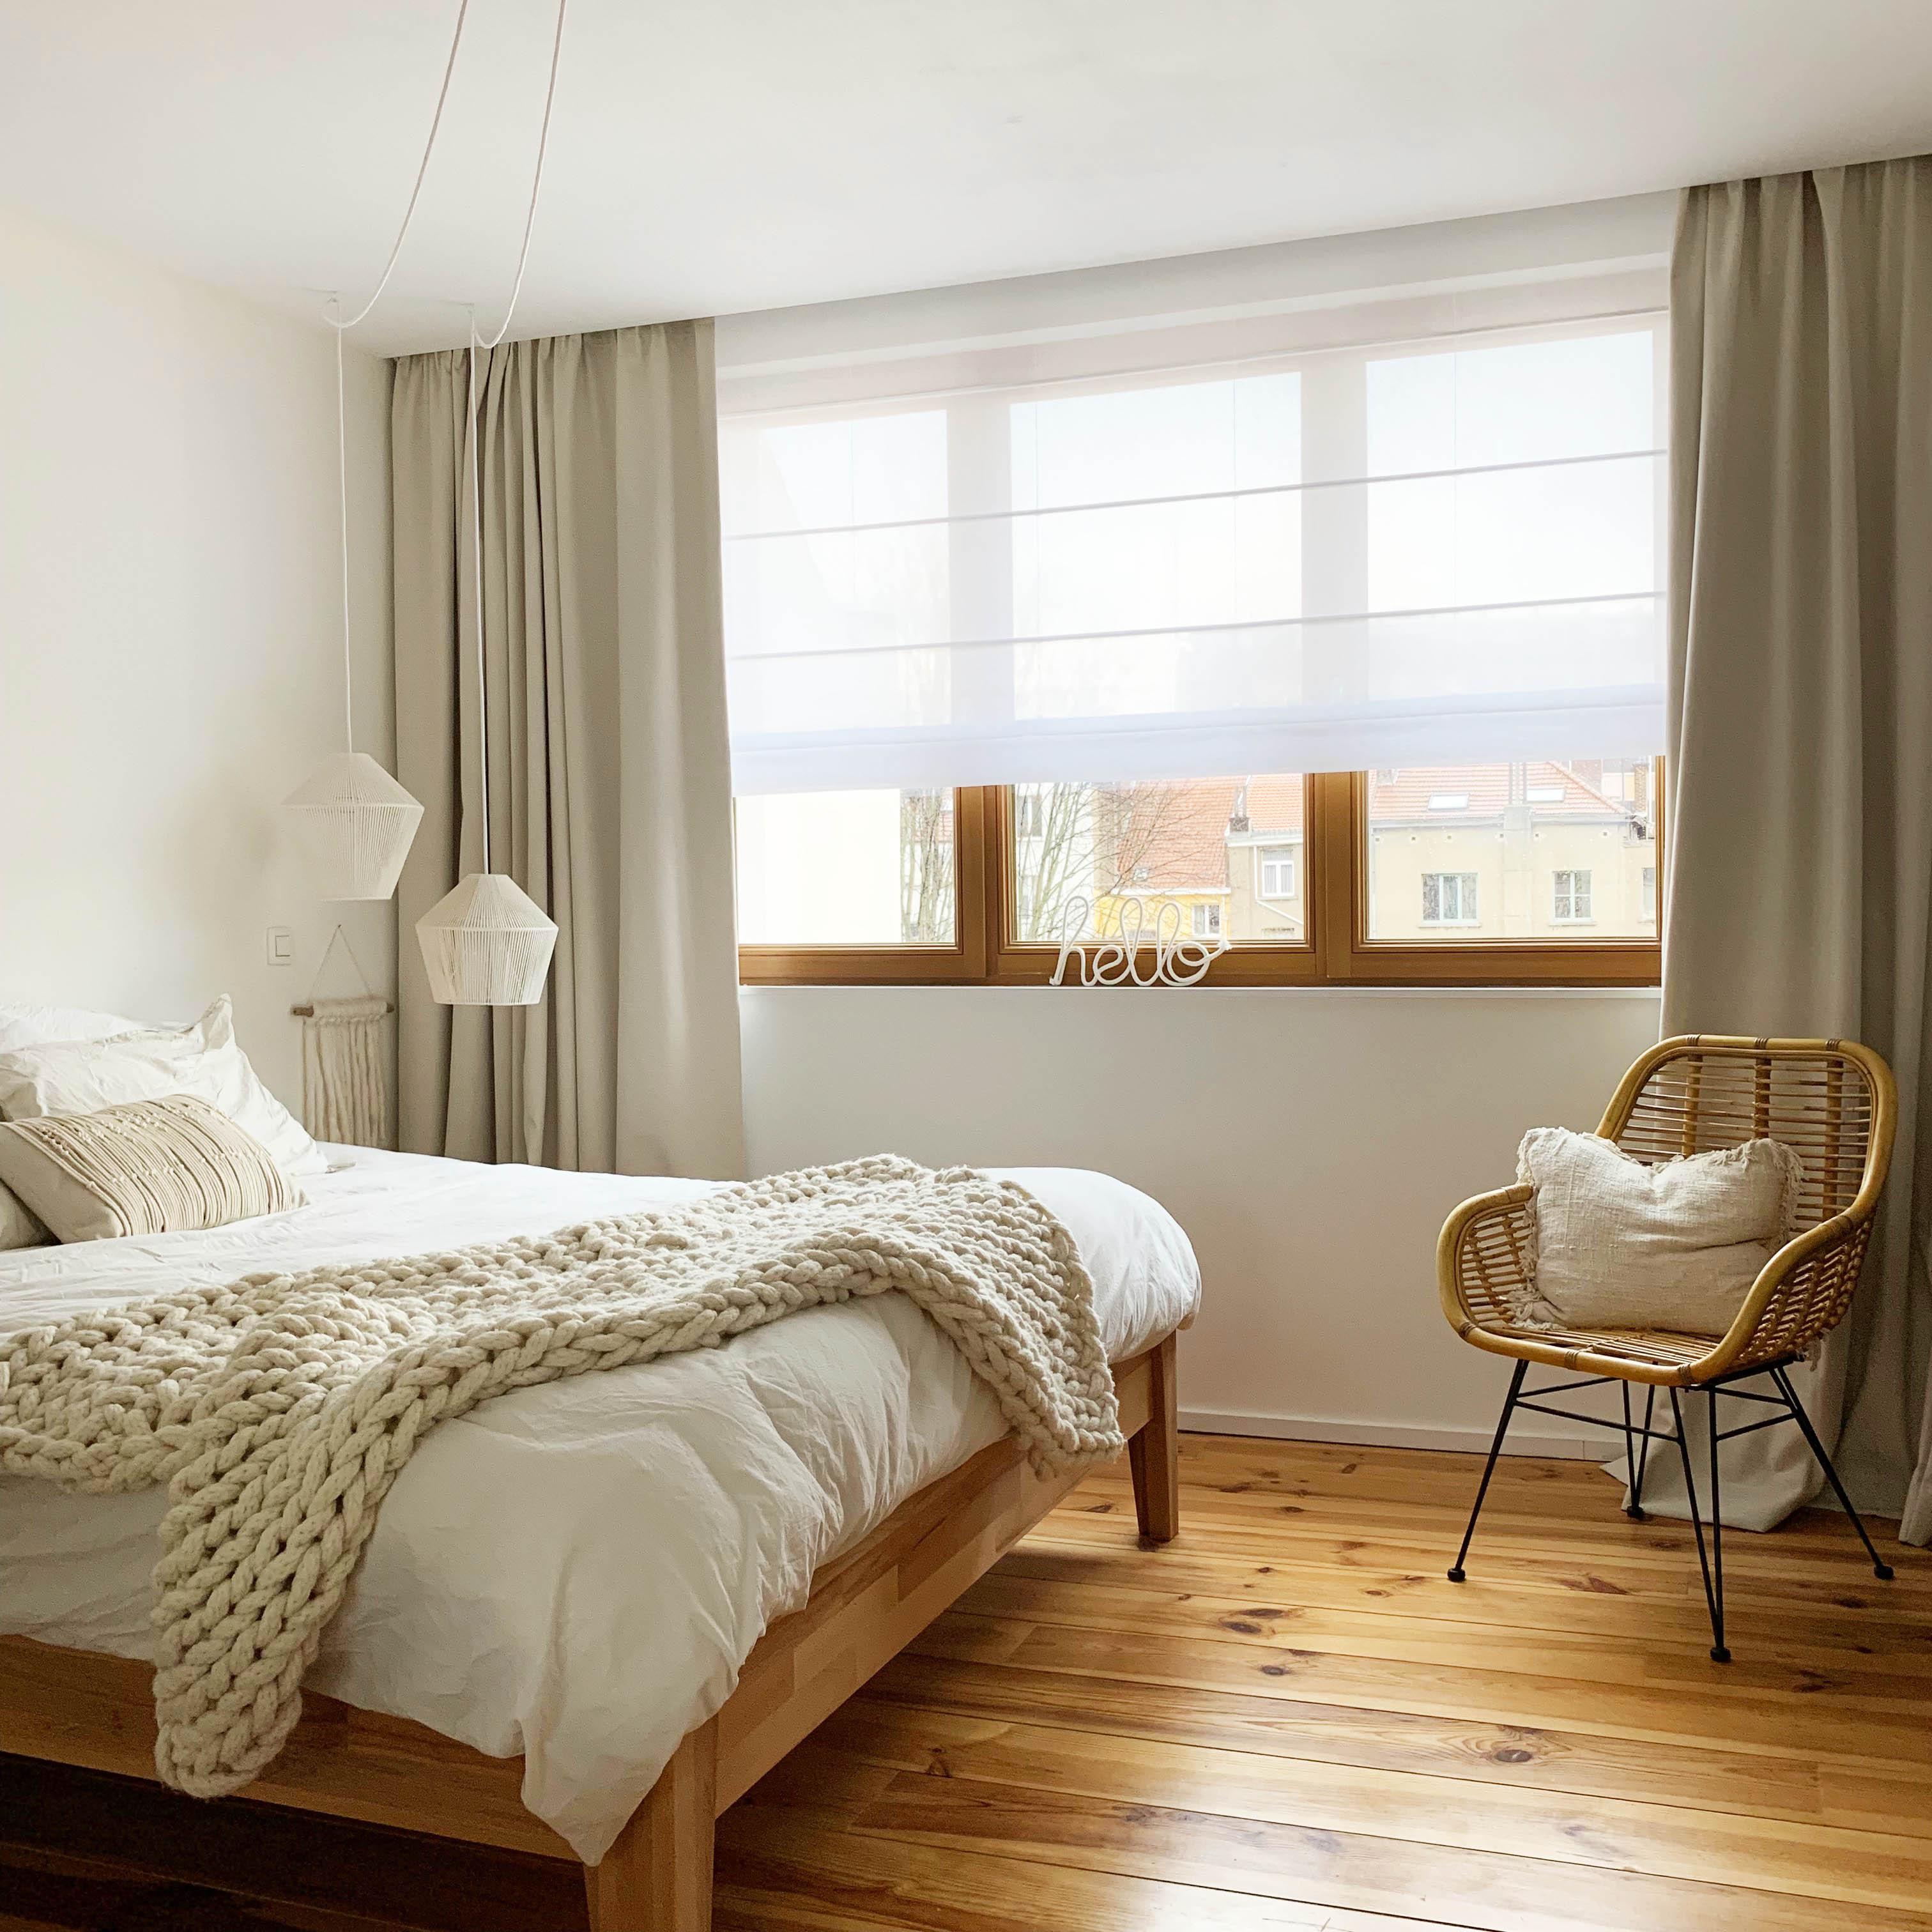 pierre-papier-ciseaux-rideaux-chambre-heytens-apres-3